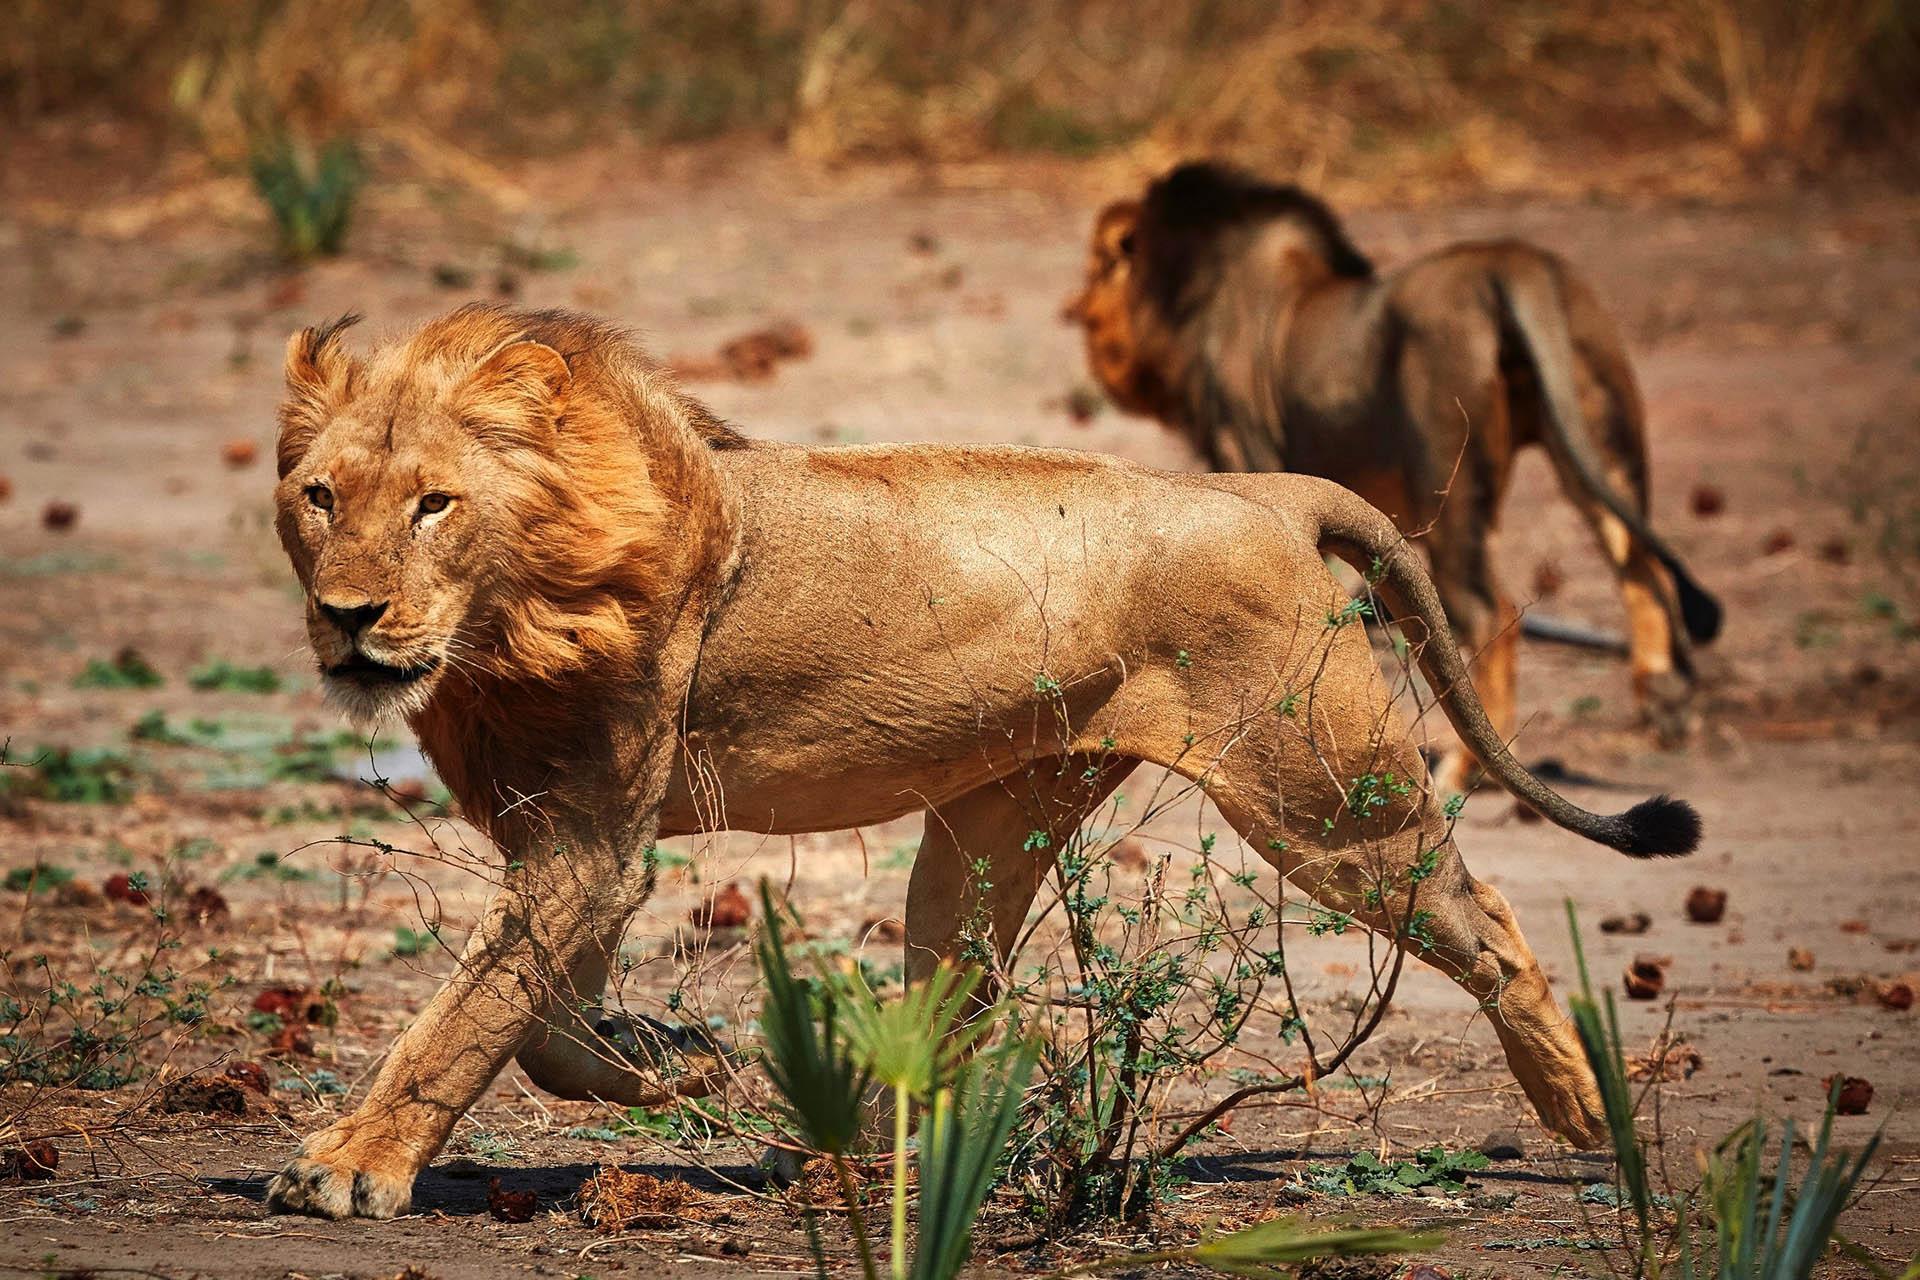 malawi zambia wet-wild-south-luangwa-lower-zambezi-lake-malawi-11-nights-lower-zambezi-national-park-tours-malawian-style-malawi-adventures-lions-chongwe